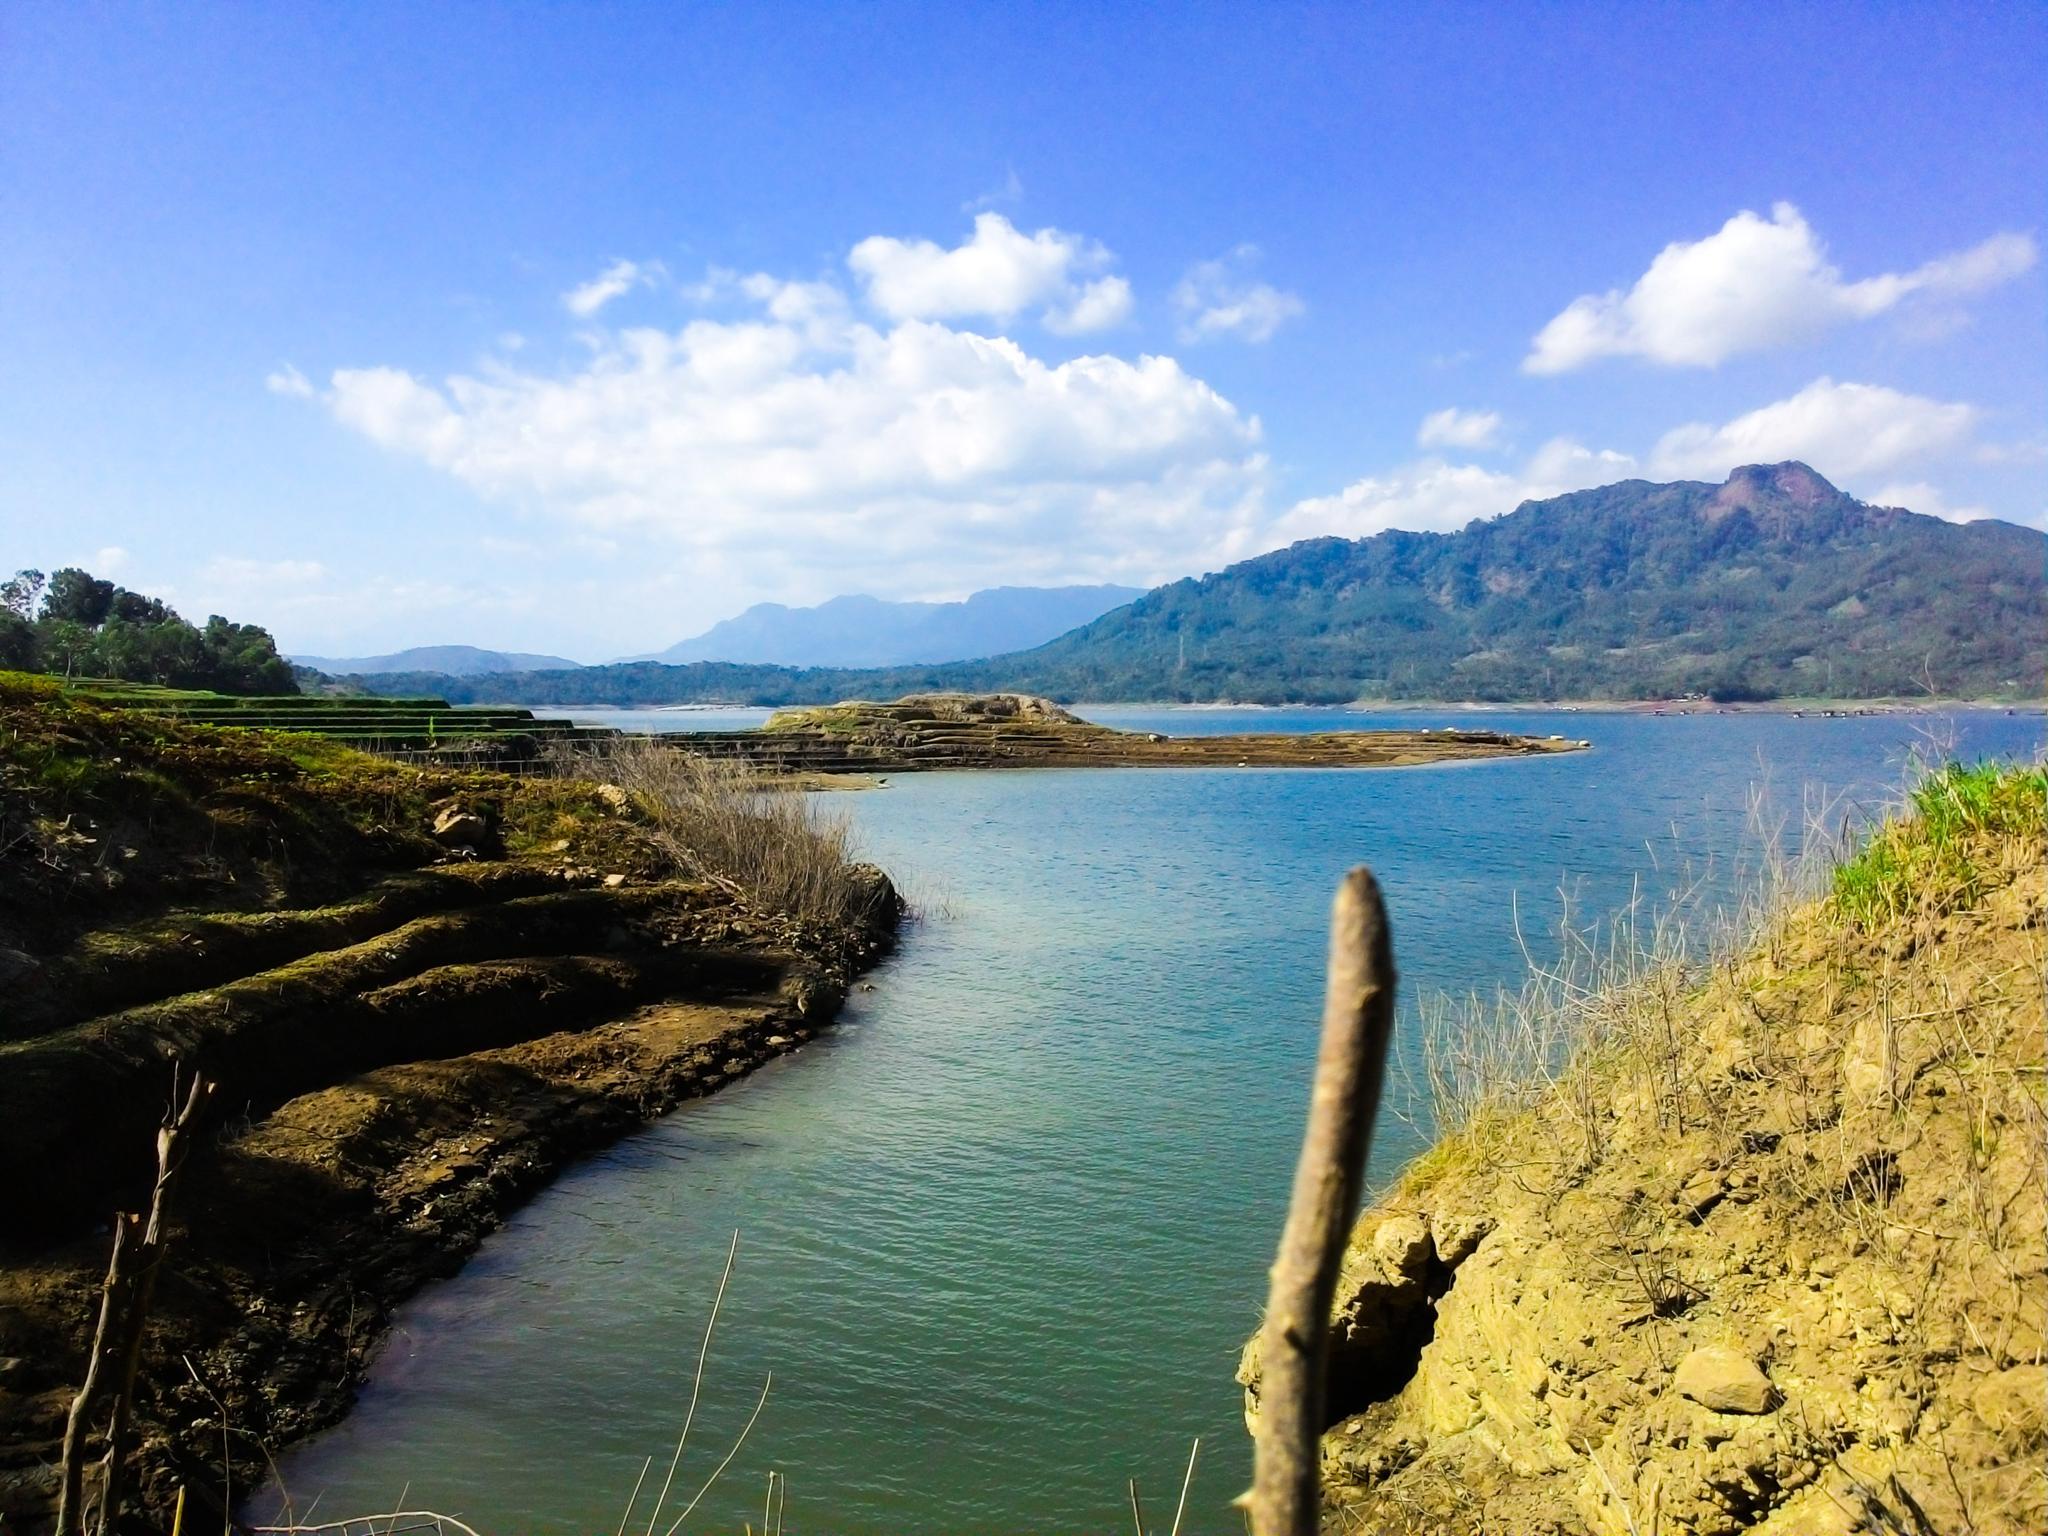 Lake 1 by ediwaluyo758